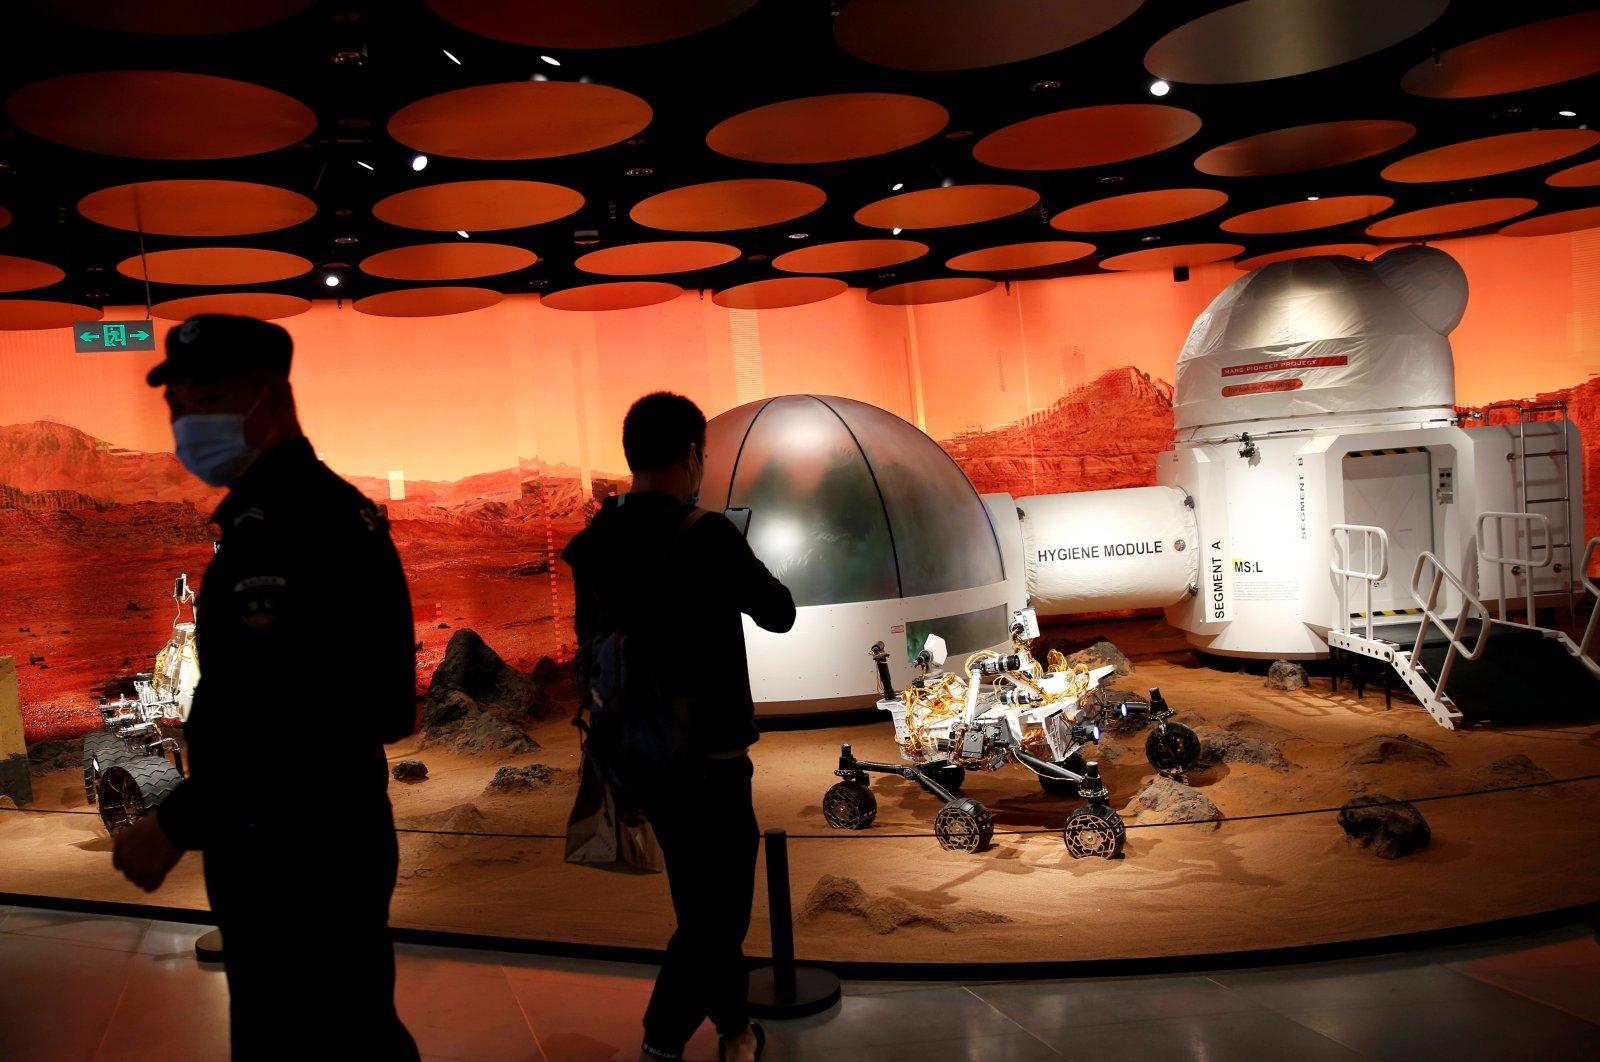 Kina krijon helikopterin robotik për misione të reja në Mars